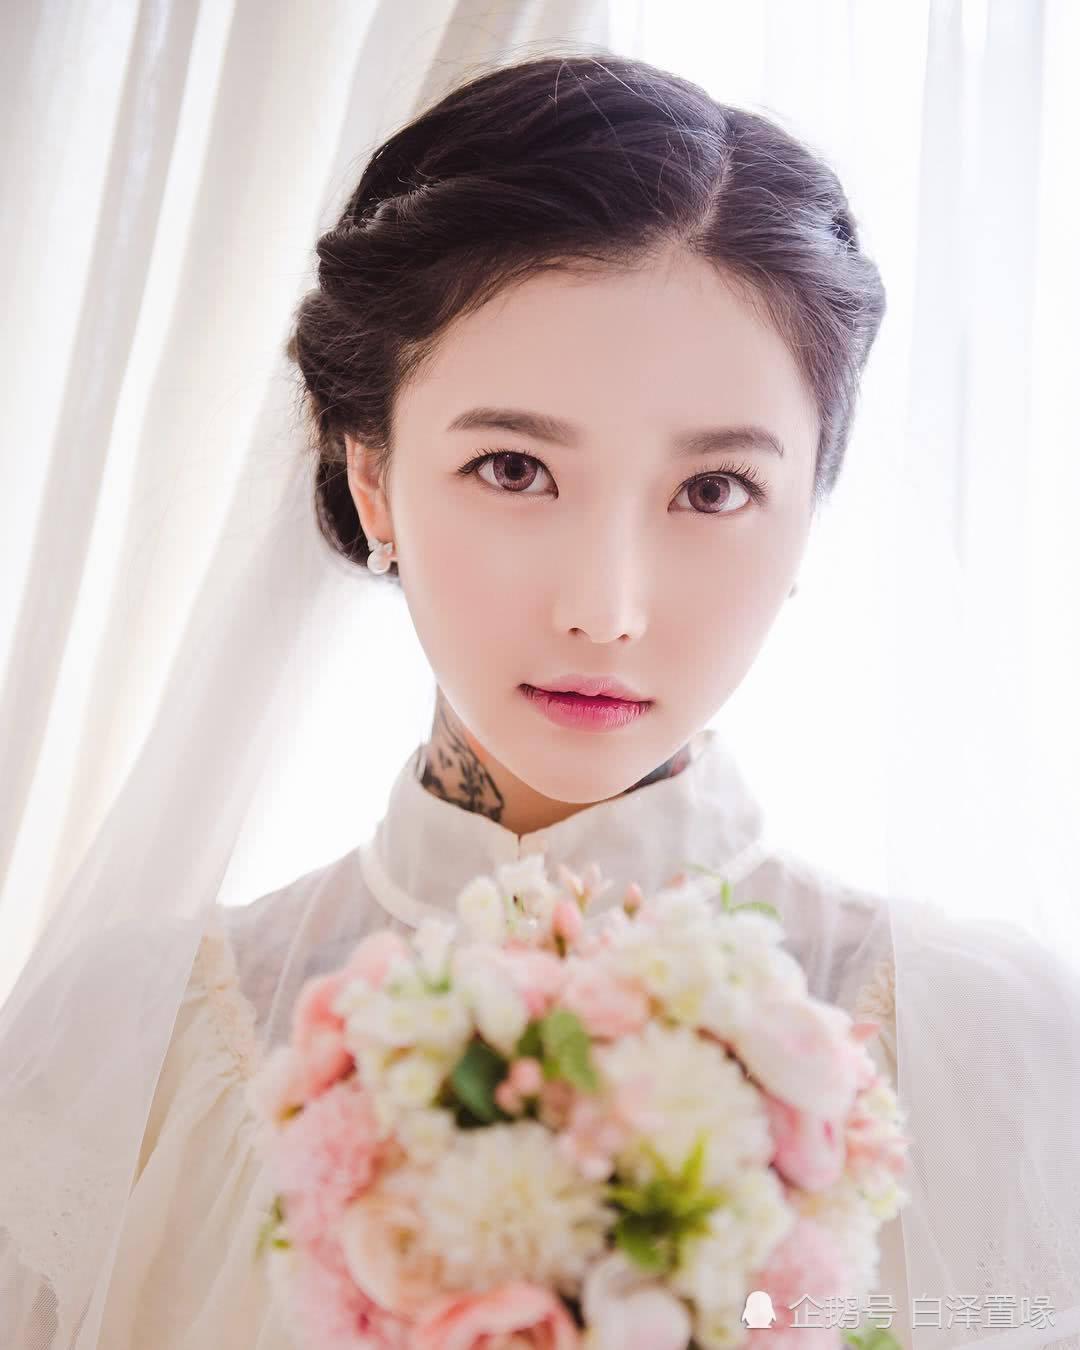 韩国美女拥有完美外貌,整容前照片却让网友惊讶(组图)